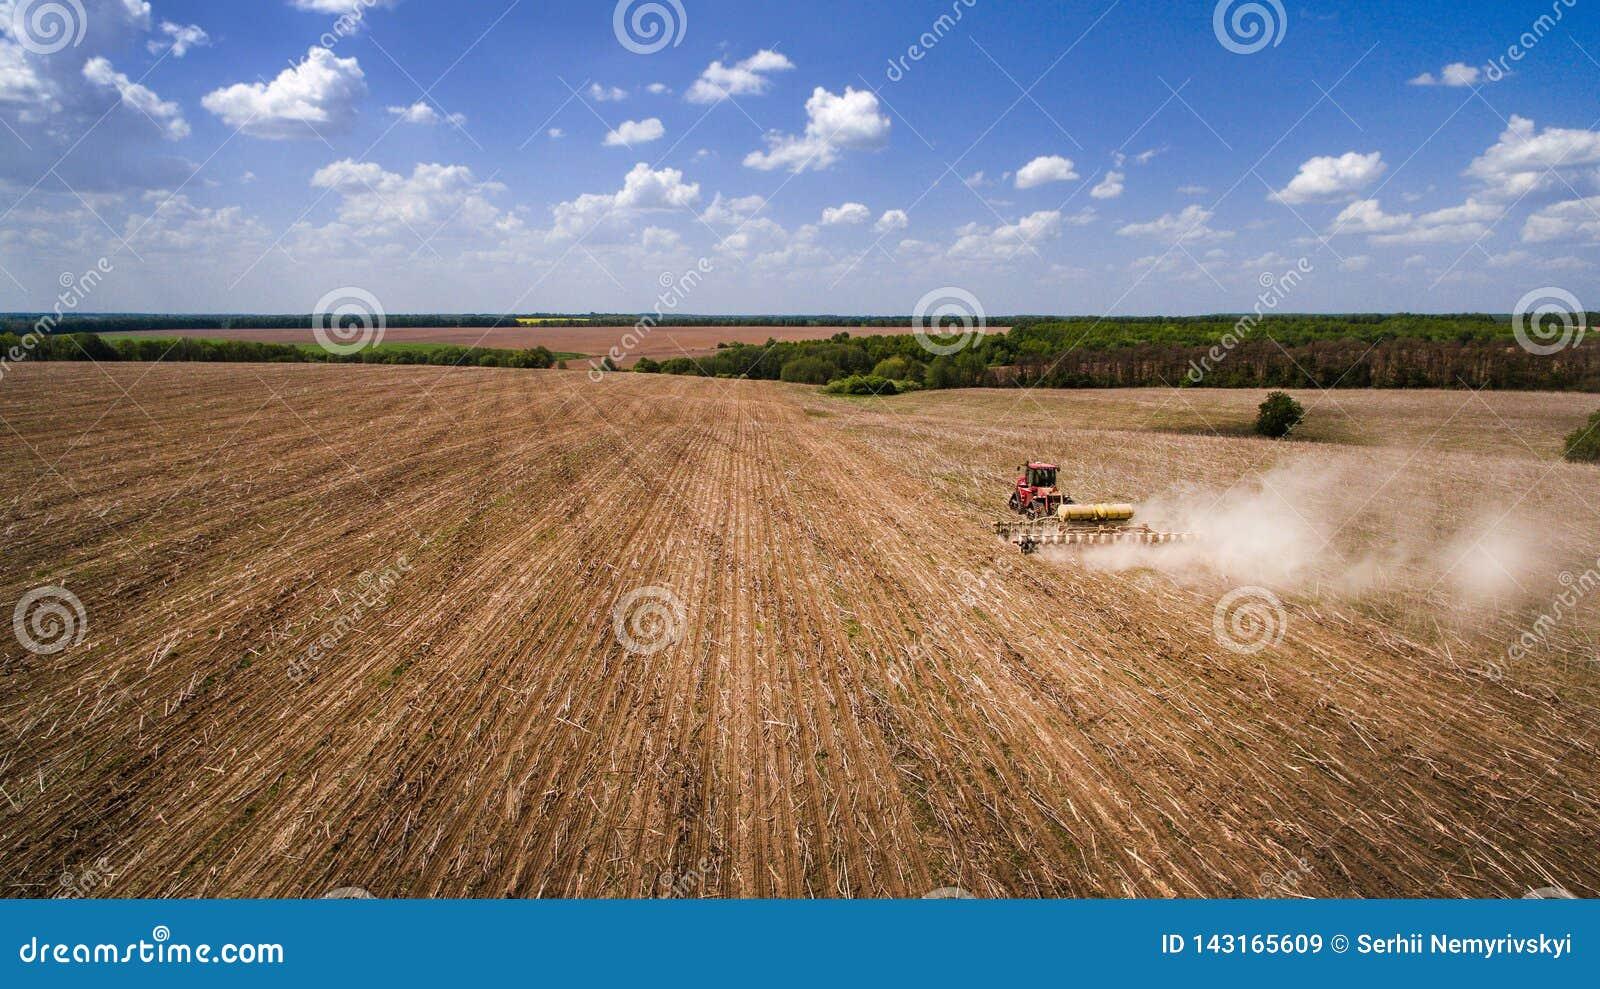 Ciągnikowa narządzanie ziemia dla siać szesnaście rzędów antena, pojęcie kultywacja, nasiewanie, orania pole, ciągnik i produkcji